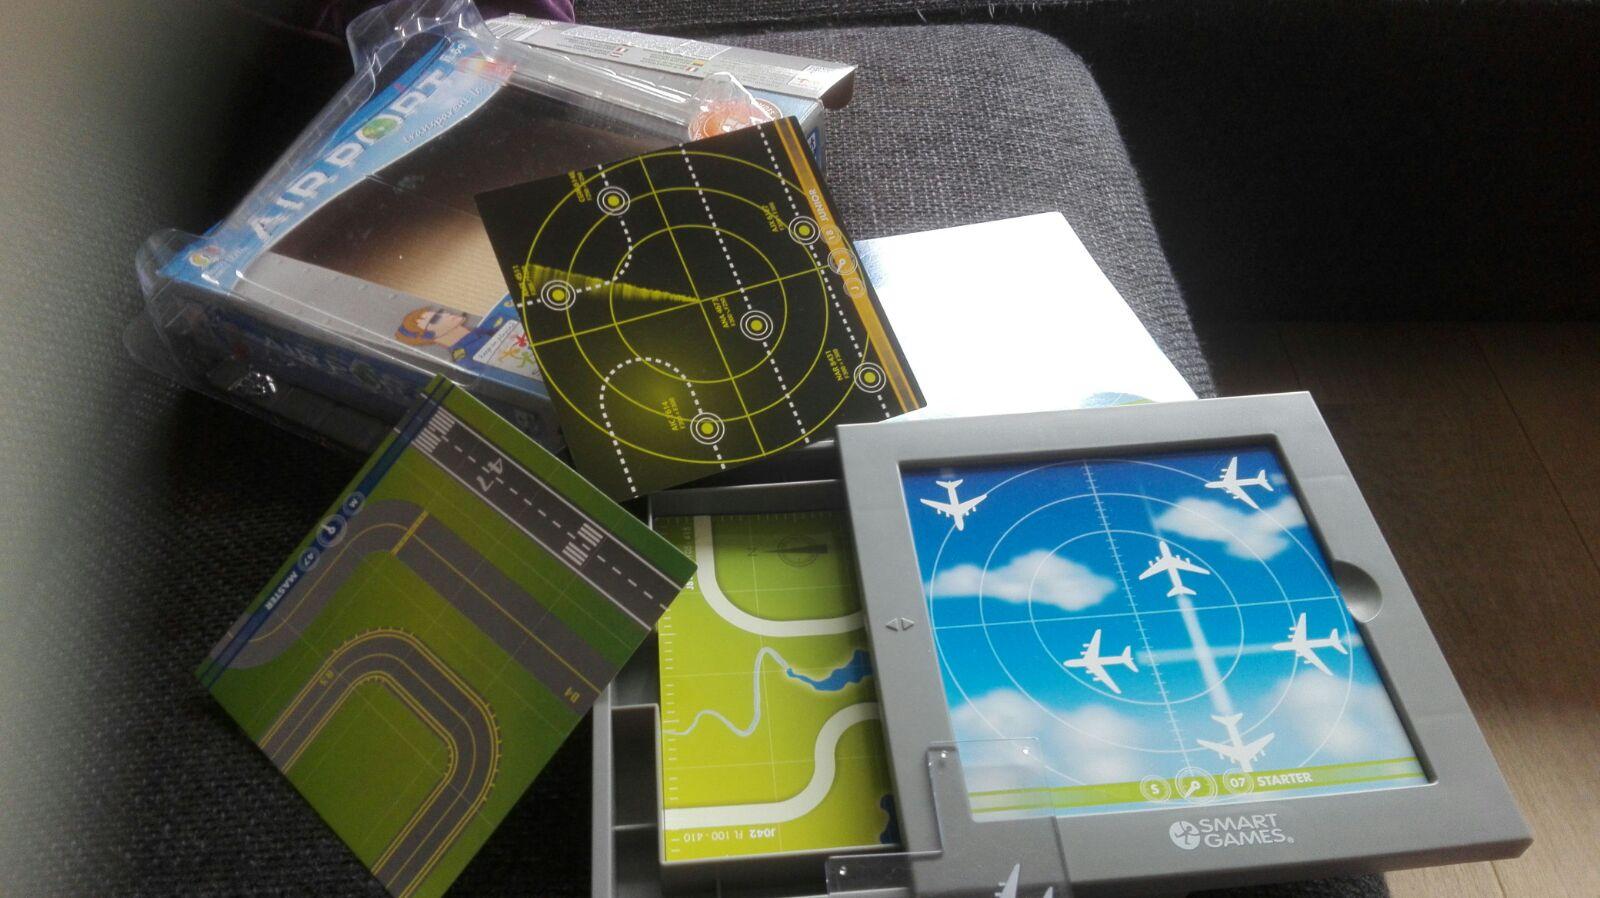 6-16-smartgame-pientere-puzzels-vliegtuigen-vliegtuig-laatje-opbergen-groep-4-6-jaar-leerzaam-educatief-cadeau-spel-kaarten